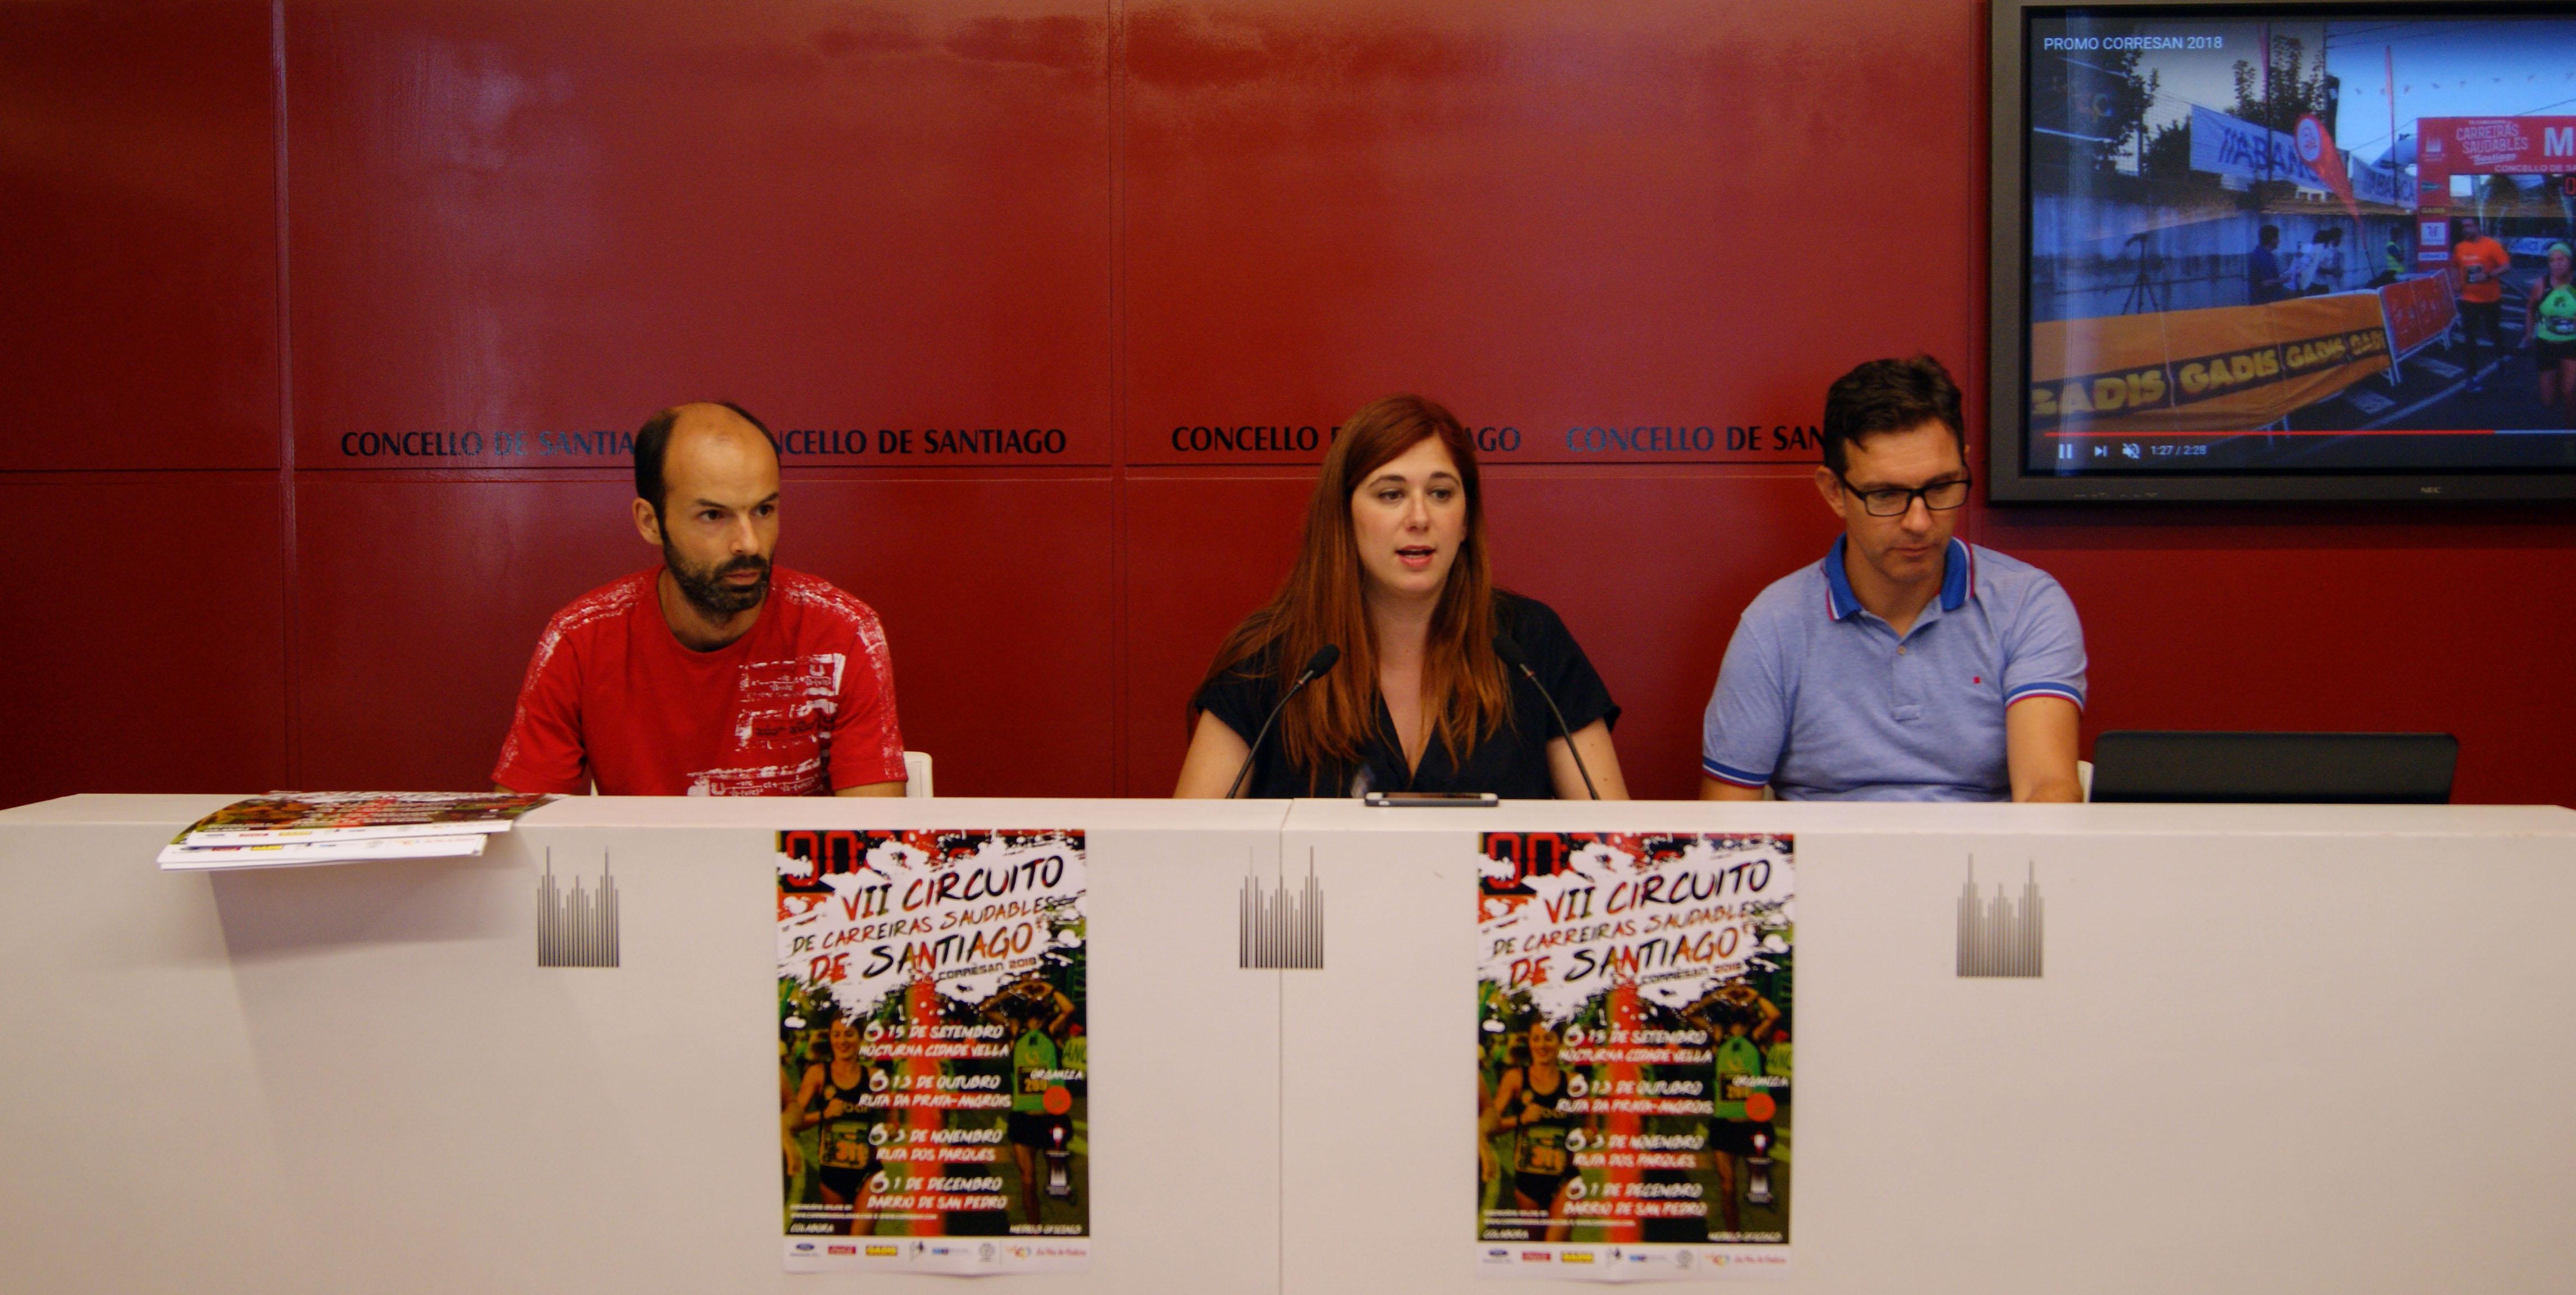 Amador Pena, Noa Morales e Iván Sanmartín presentaron a proba.